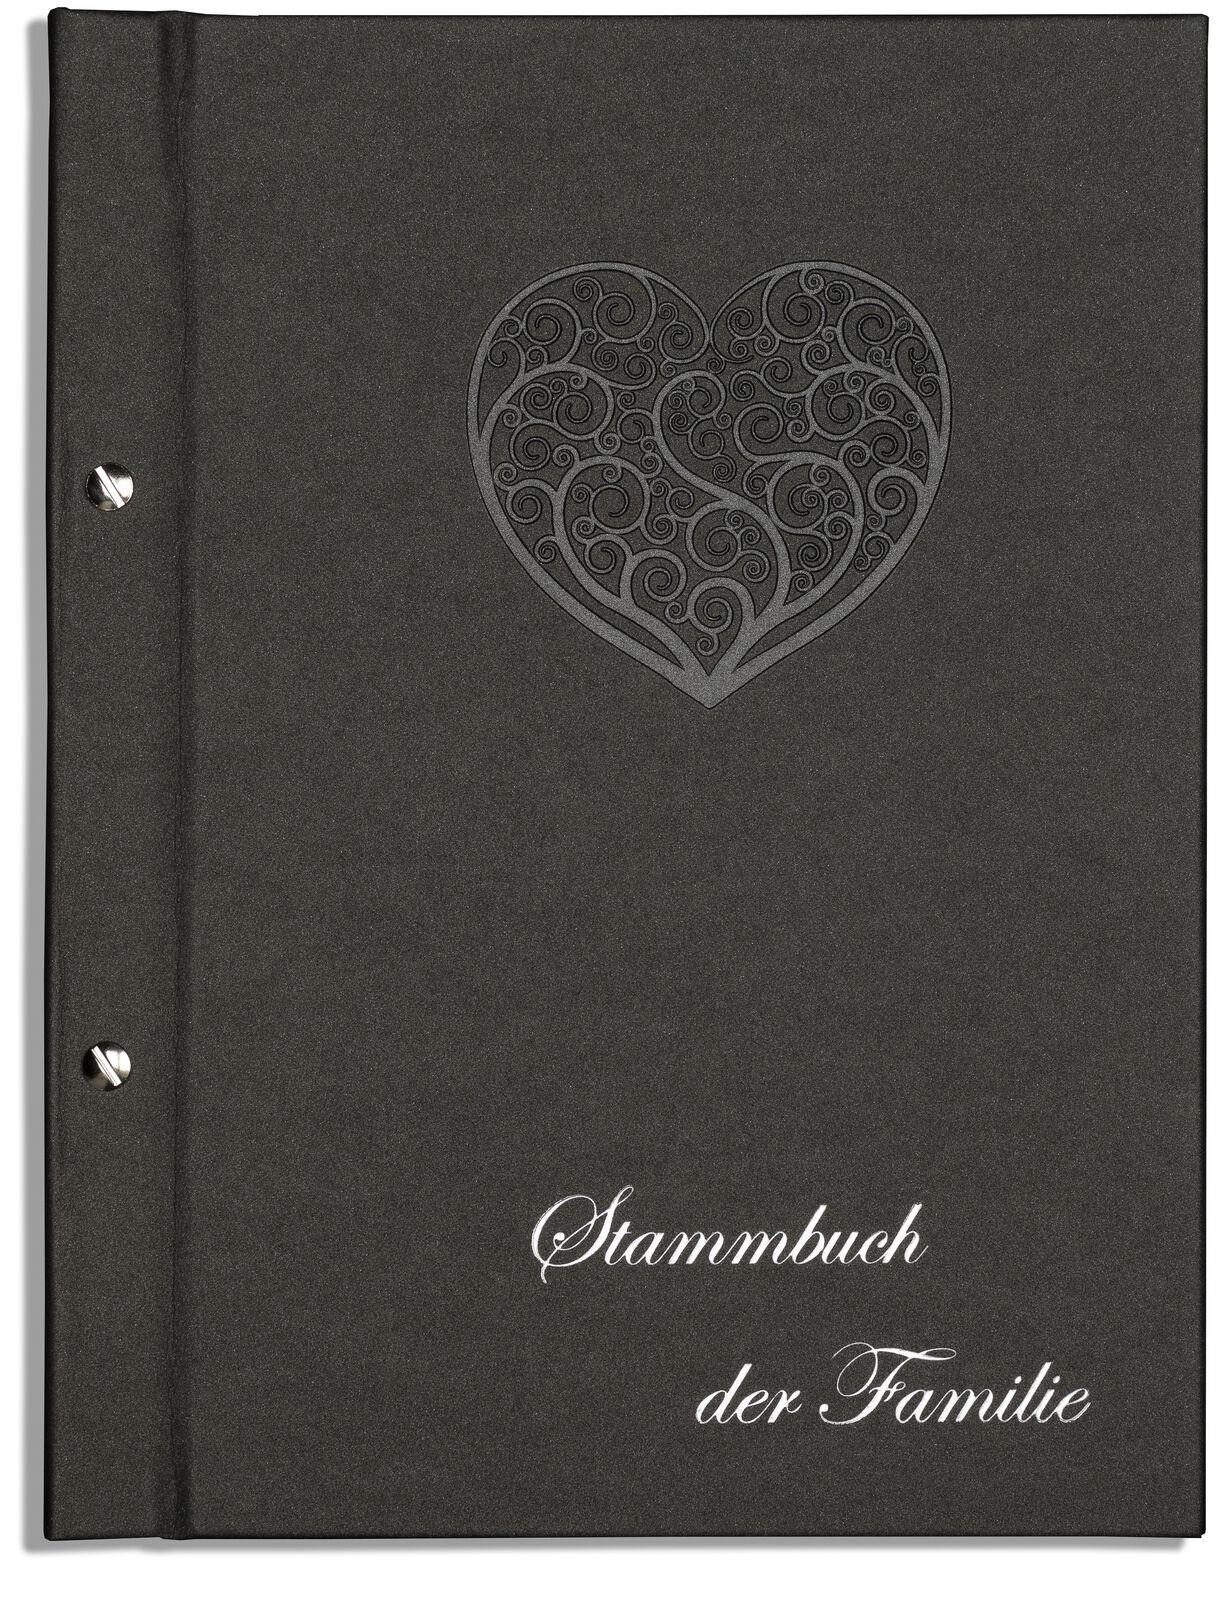 Din A4 Stammbuch der Familie Dany, Ornamentherz, anthrazitfarben, Stammbücher | Günstige Preise  | Niedrige Kosten  | Verschiedene Stile und Stile